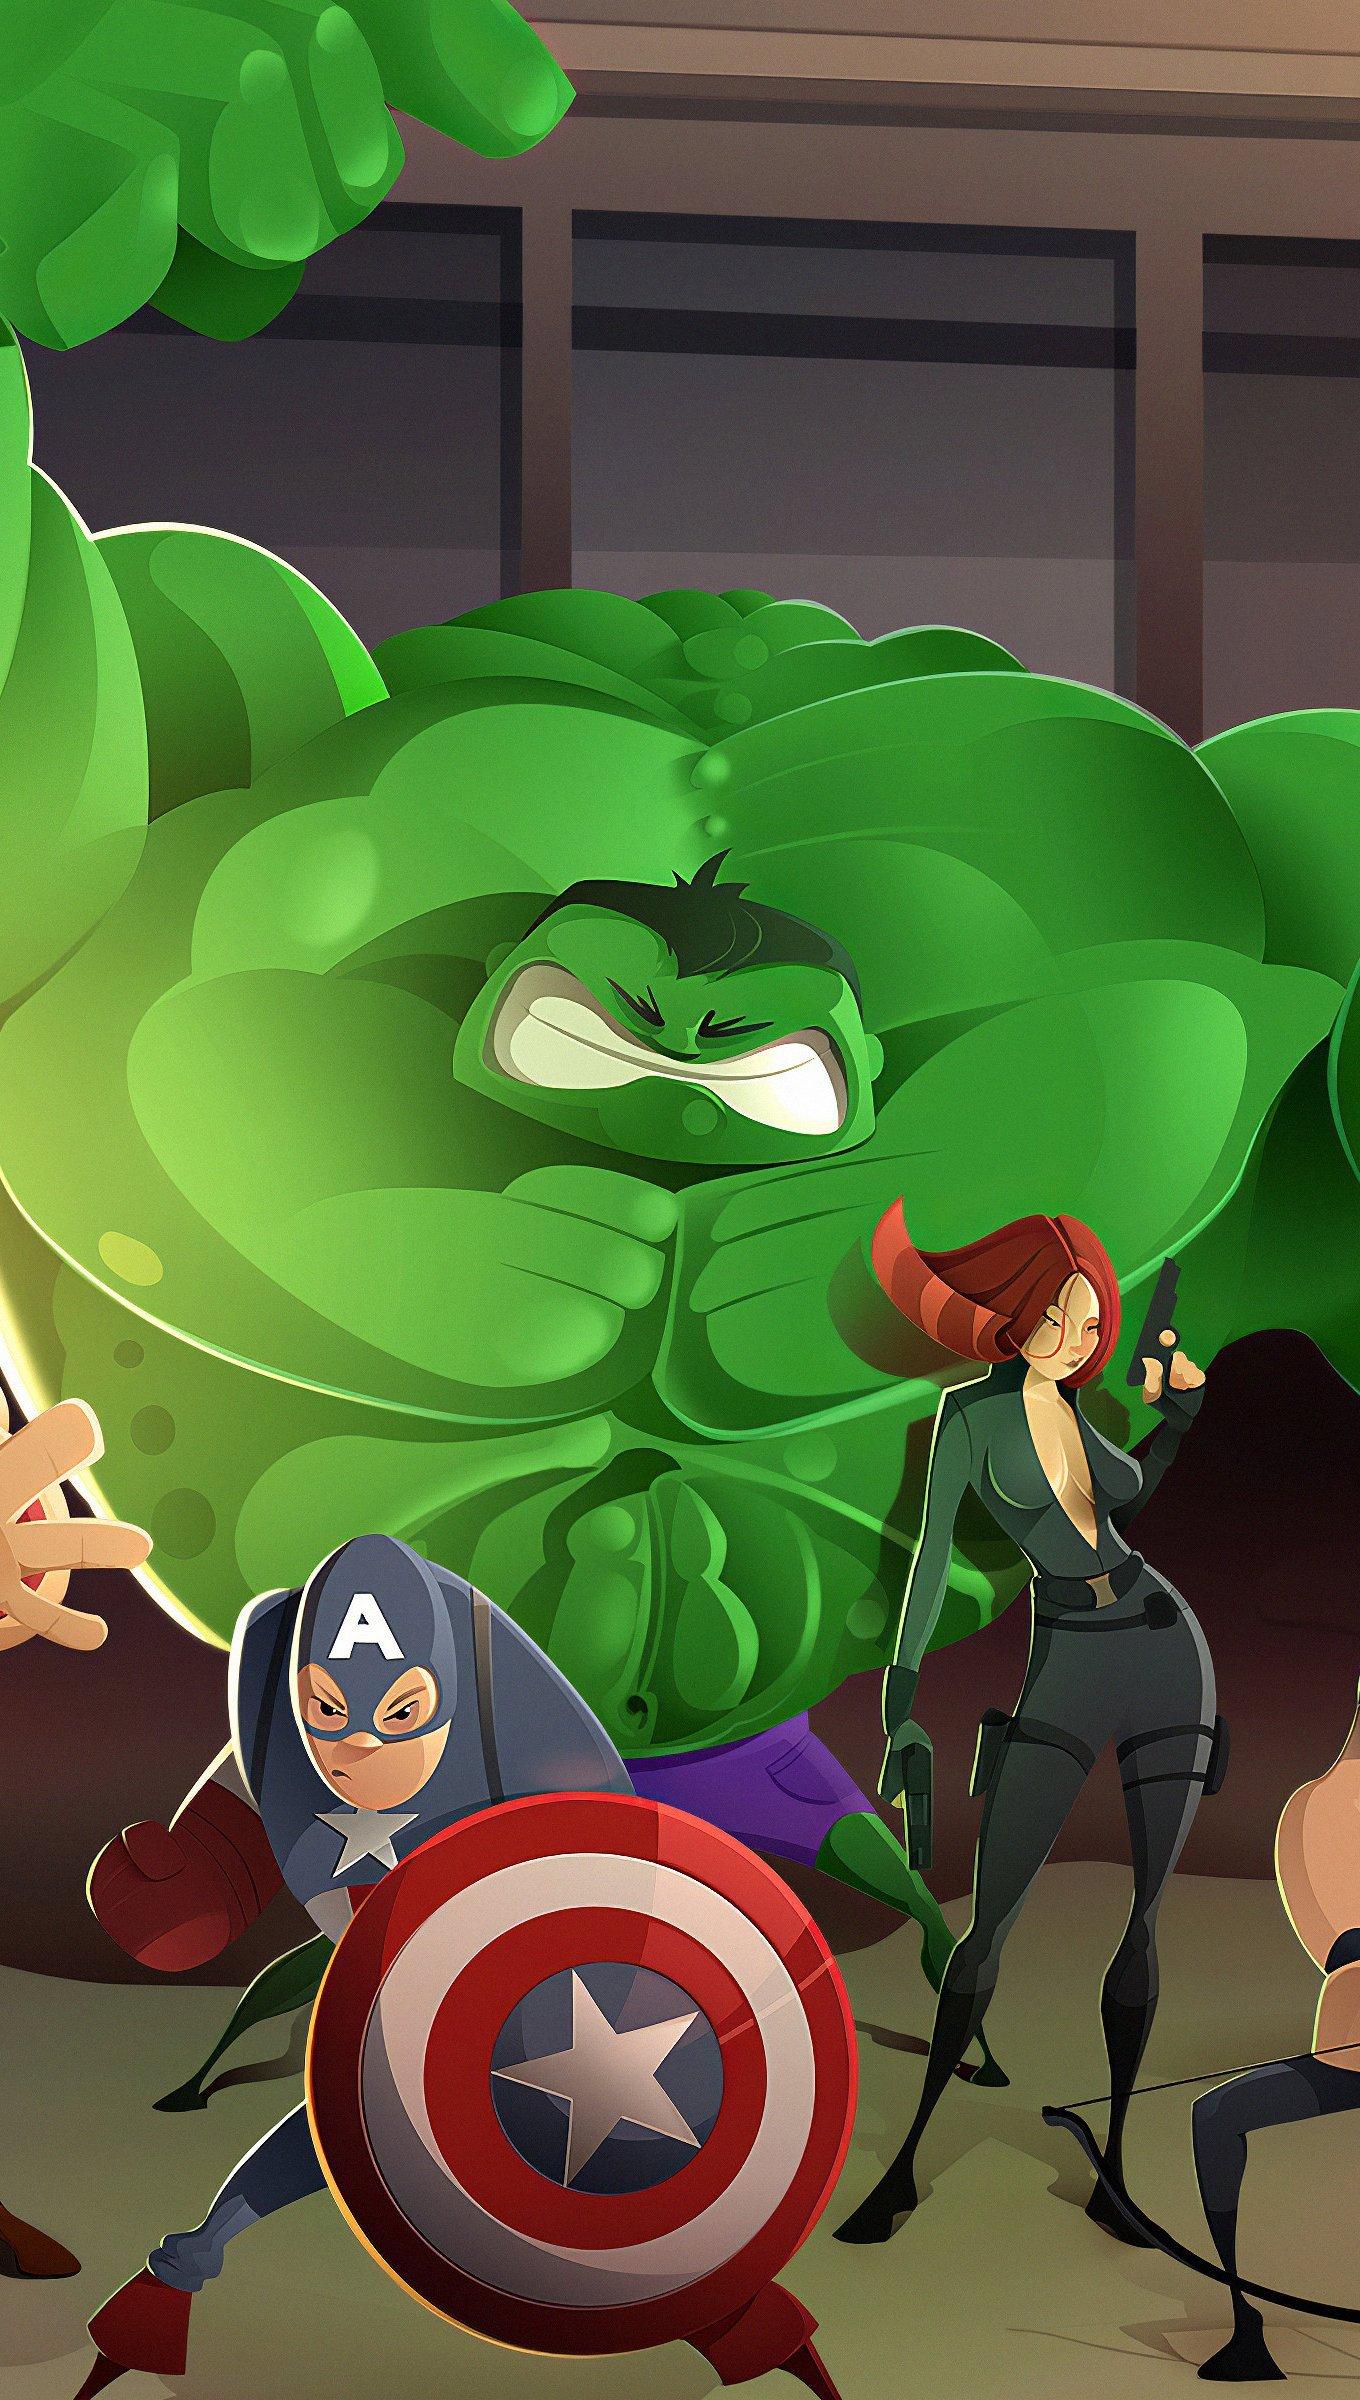 Wallpaper Cartoon of The Avengers Vertical